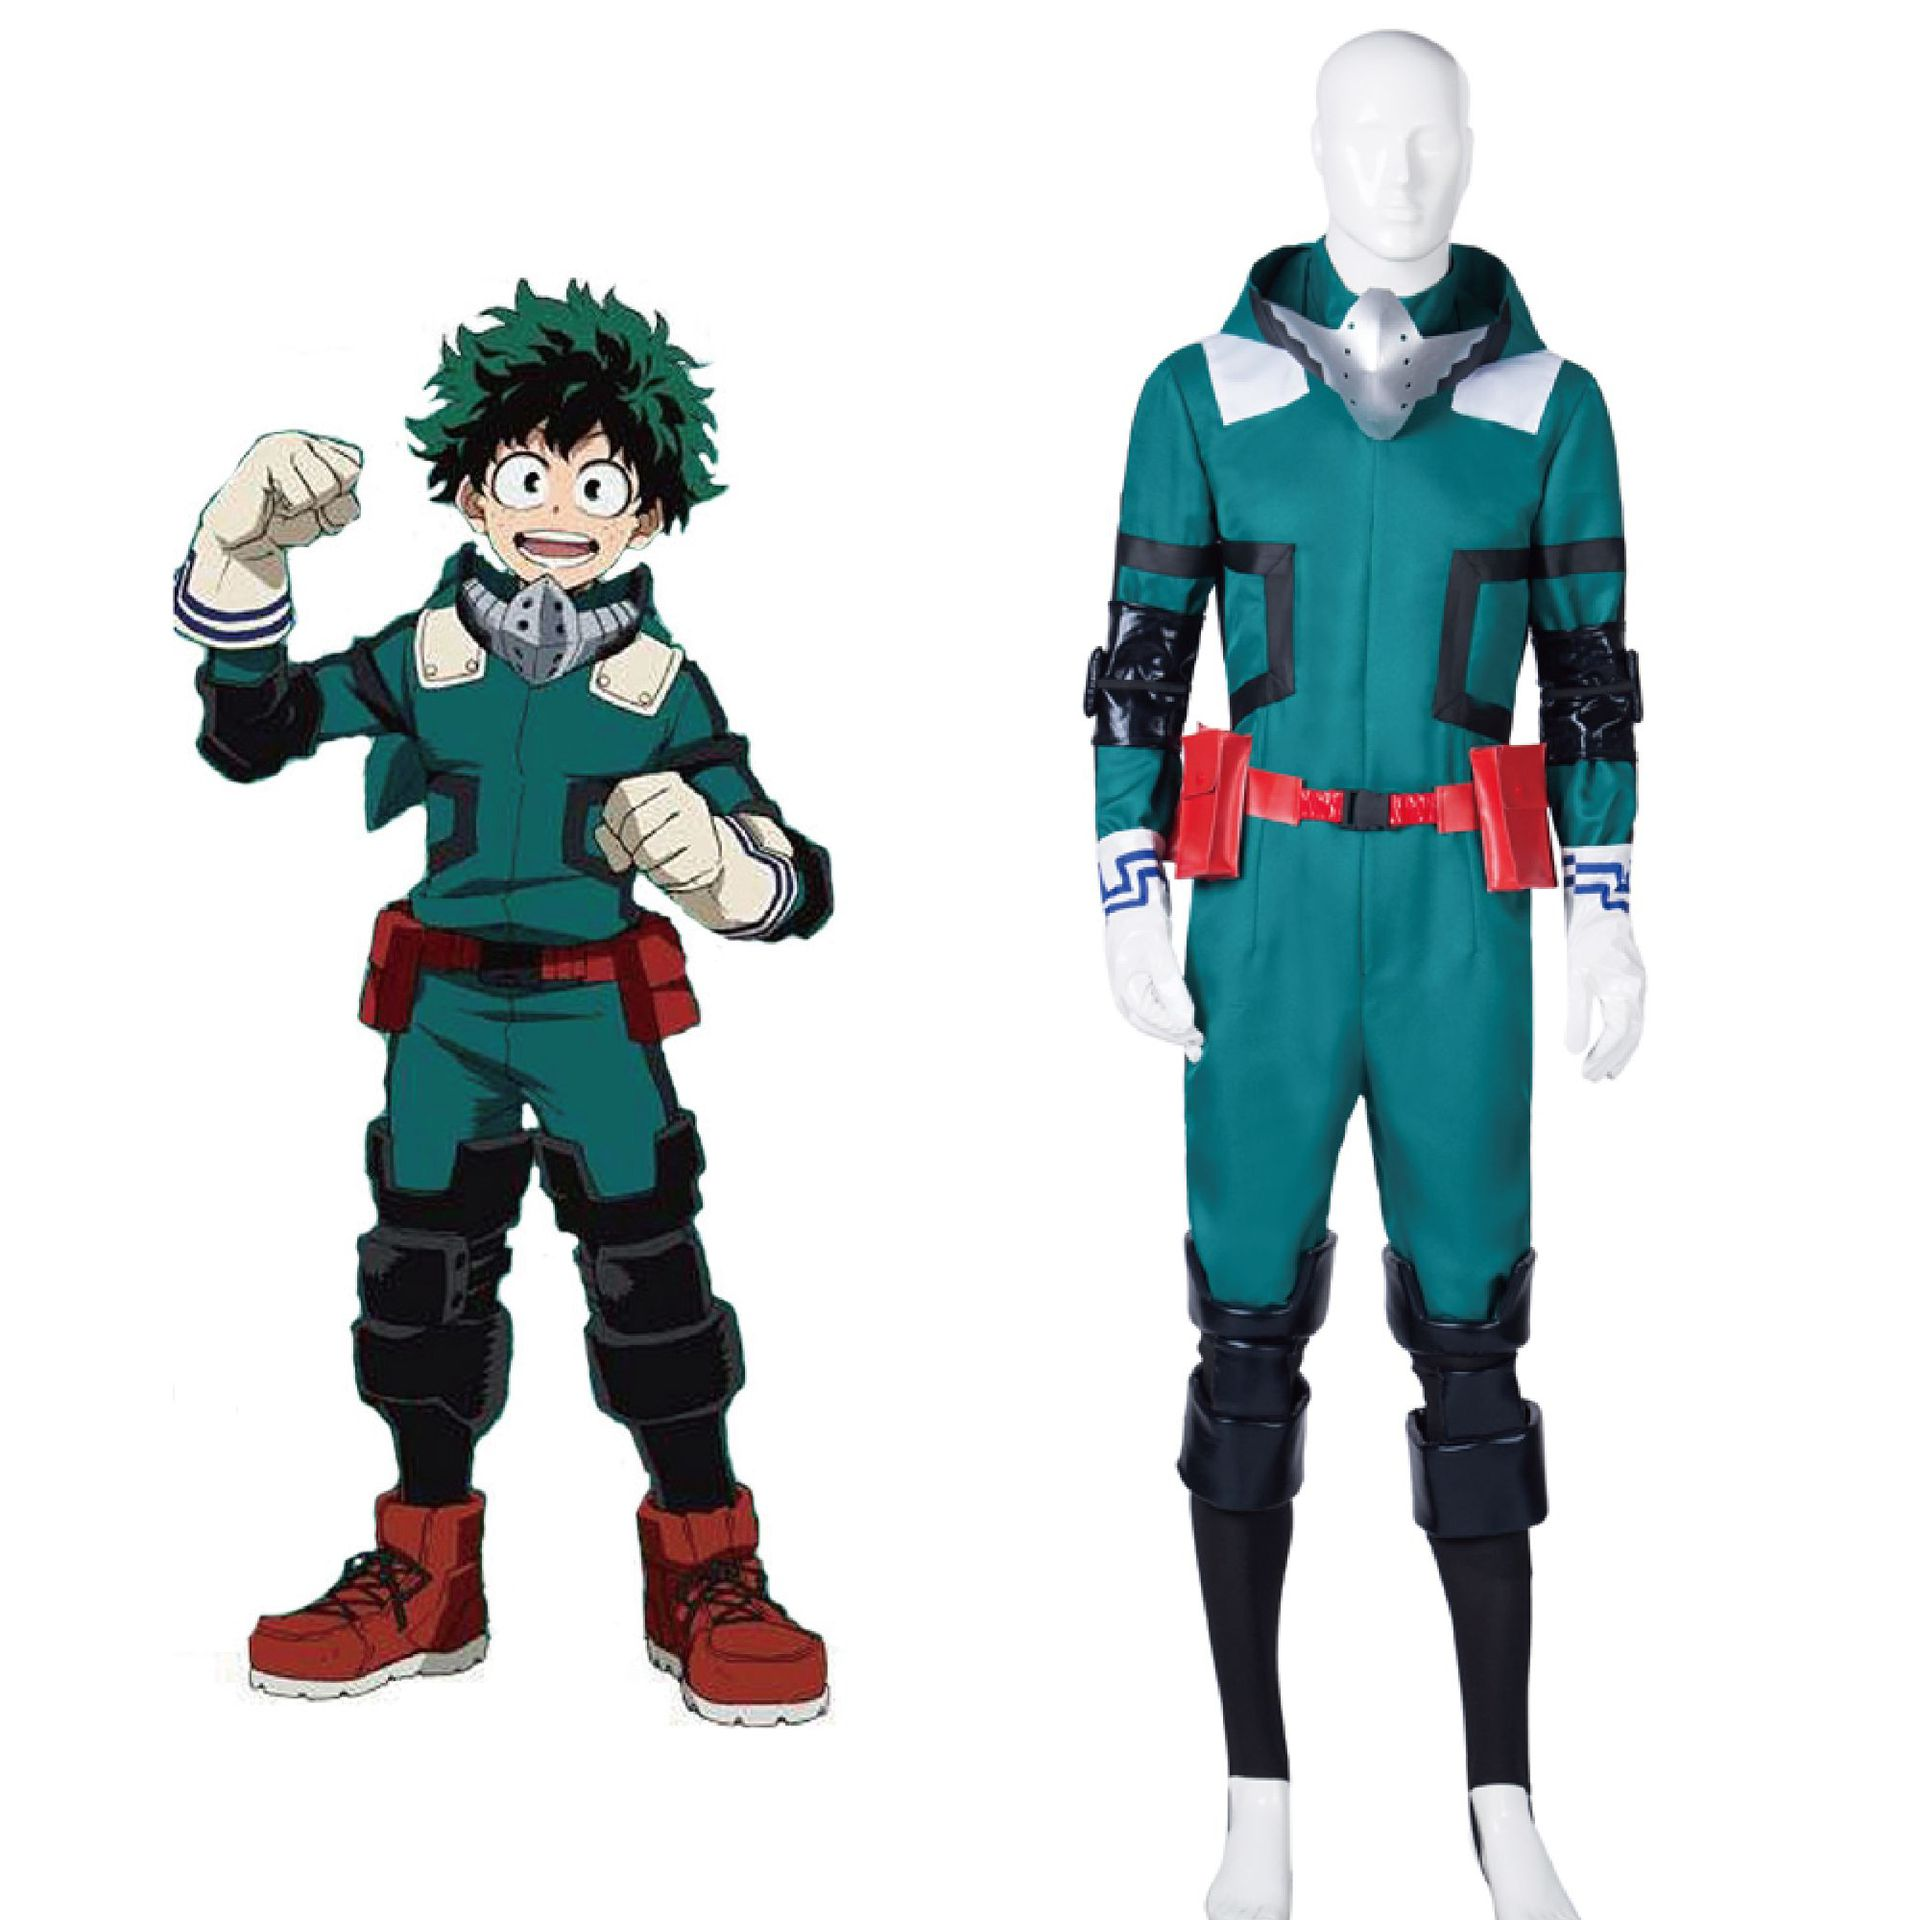 Anime mój Hero Academia boku no Hero Academia Midoriya Izuku Deku przebranie na karnawał bitwa garnitur mężczyźni kombinezon karnawał pełny zestaw